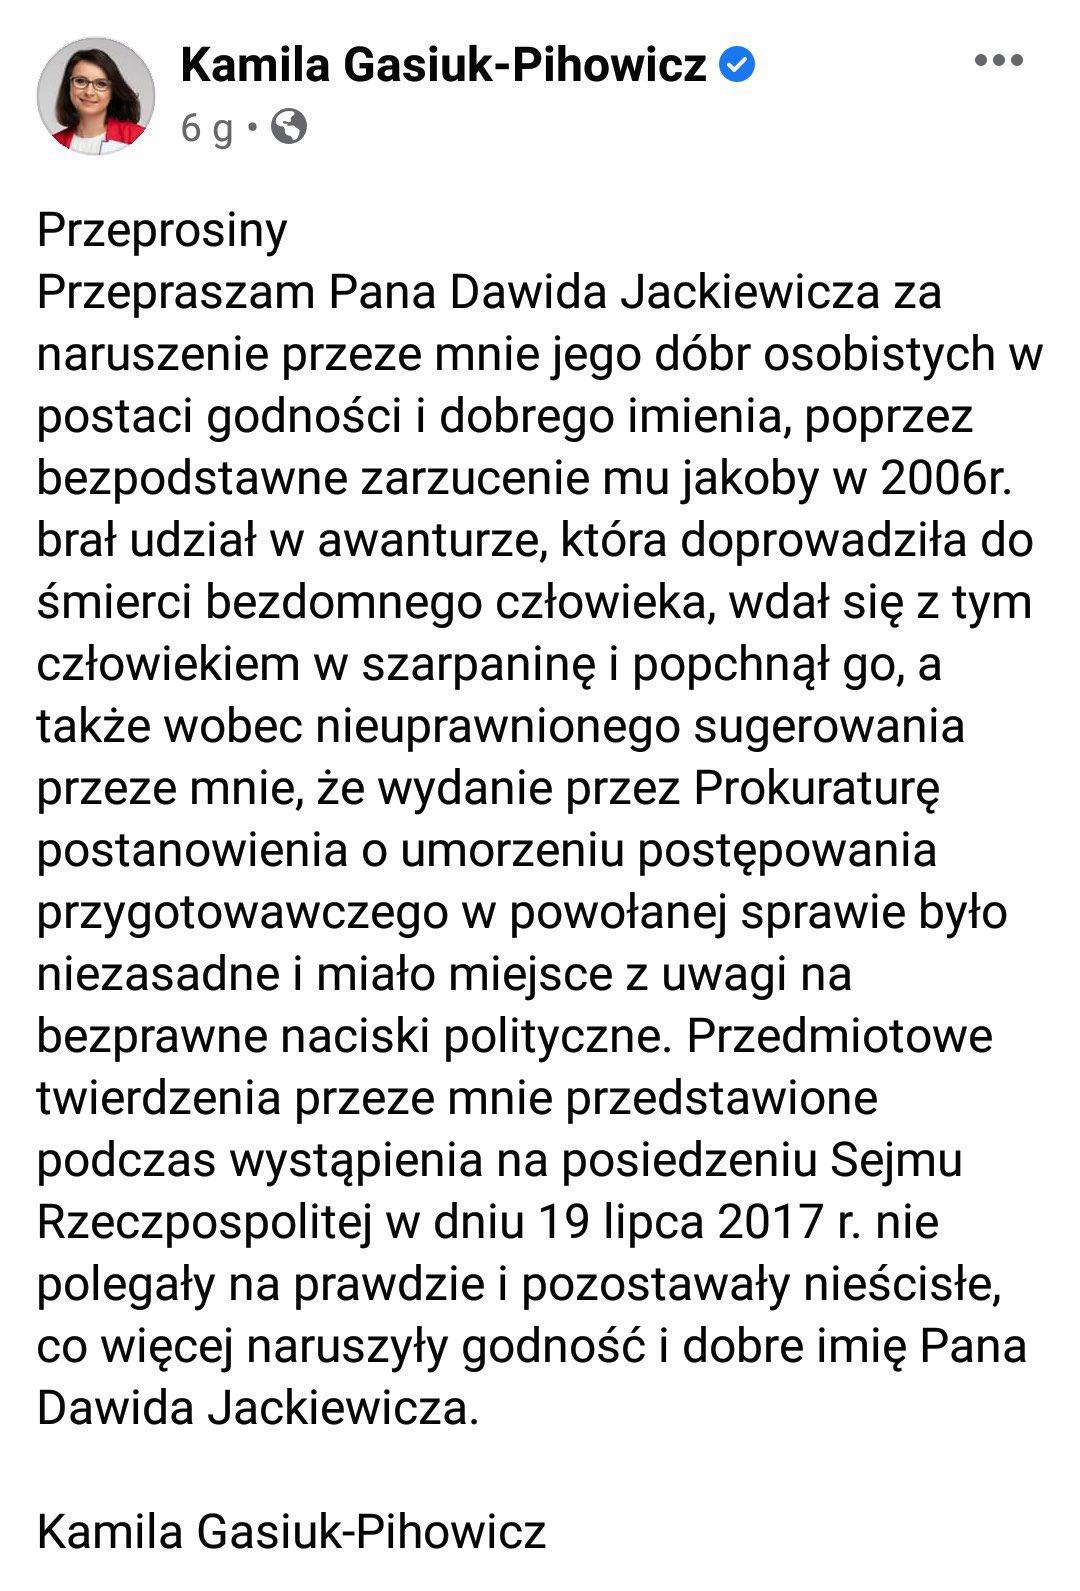 Etjcxo3WQAgx98__2021-02-09.jpeg